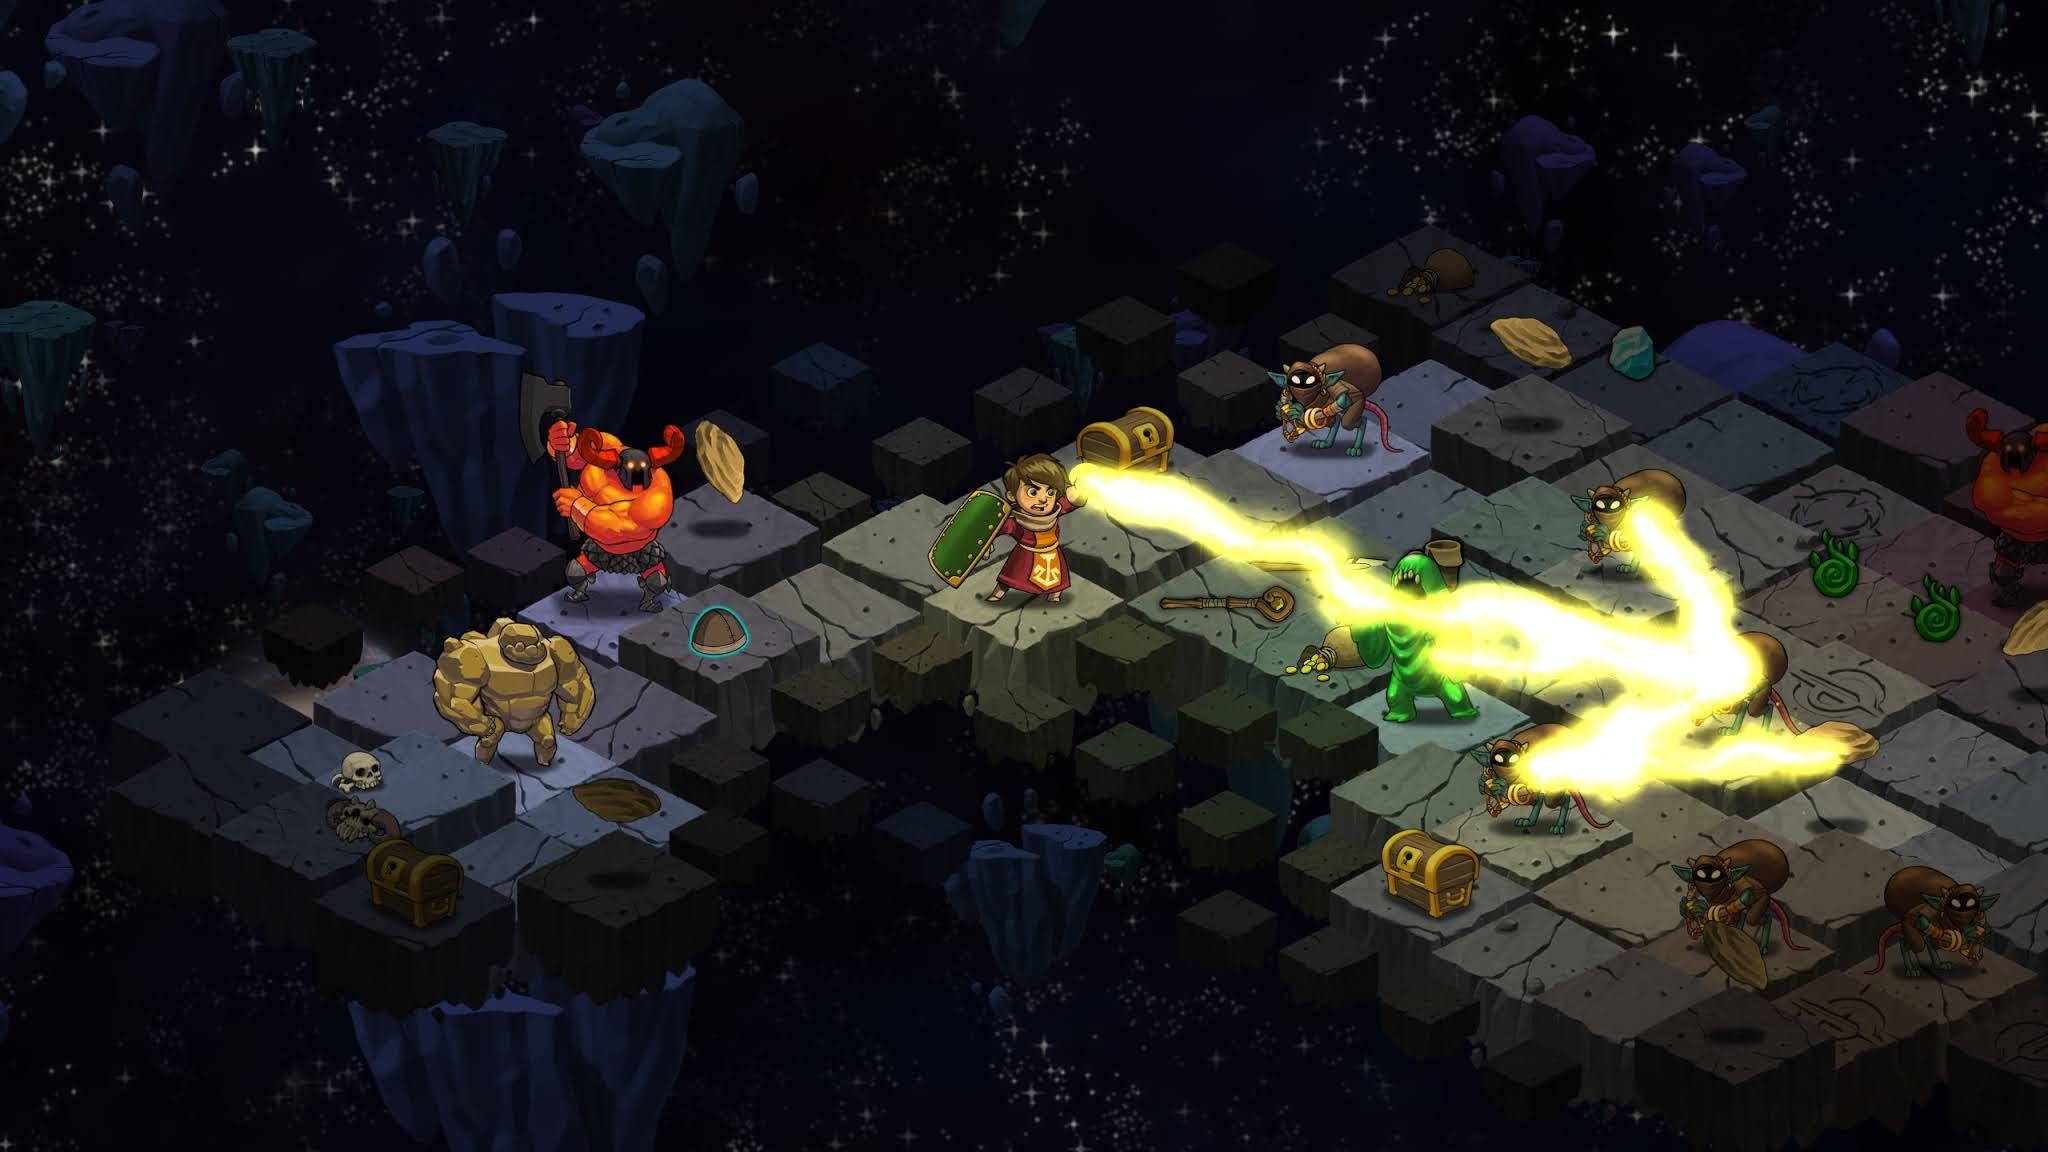 rogue-wizards-pc-screenshot-02